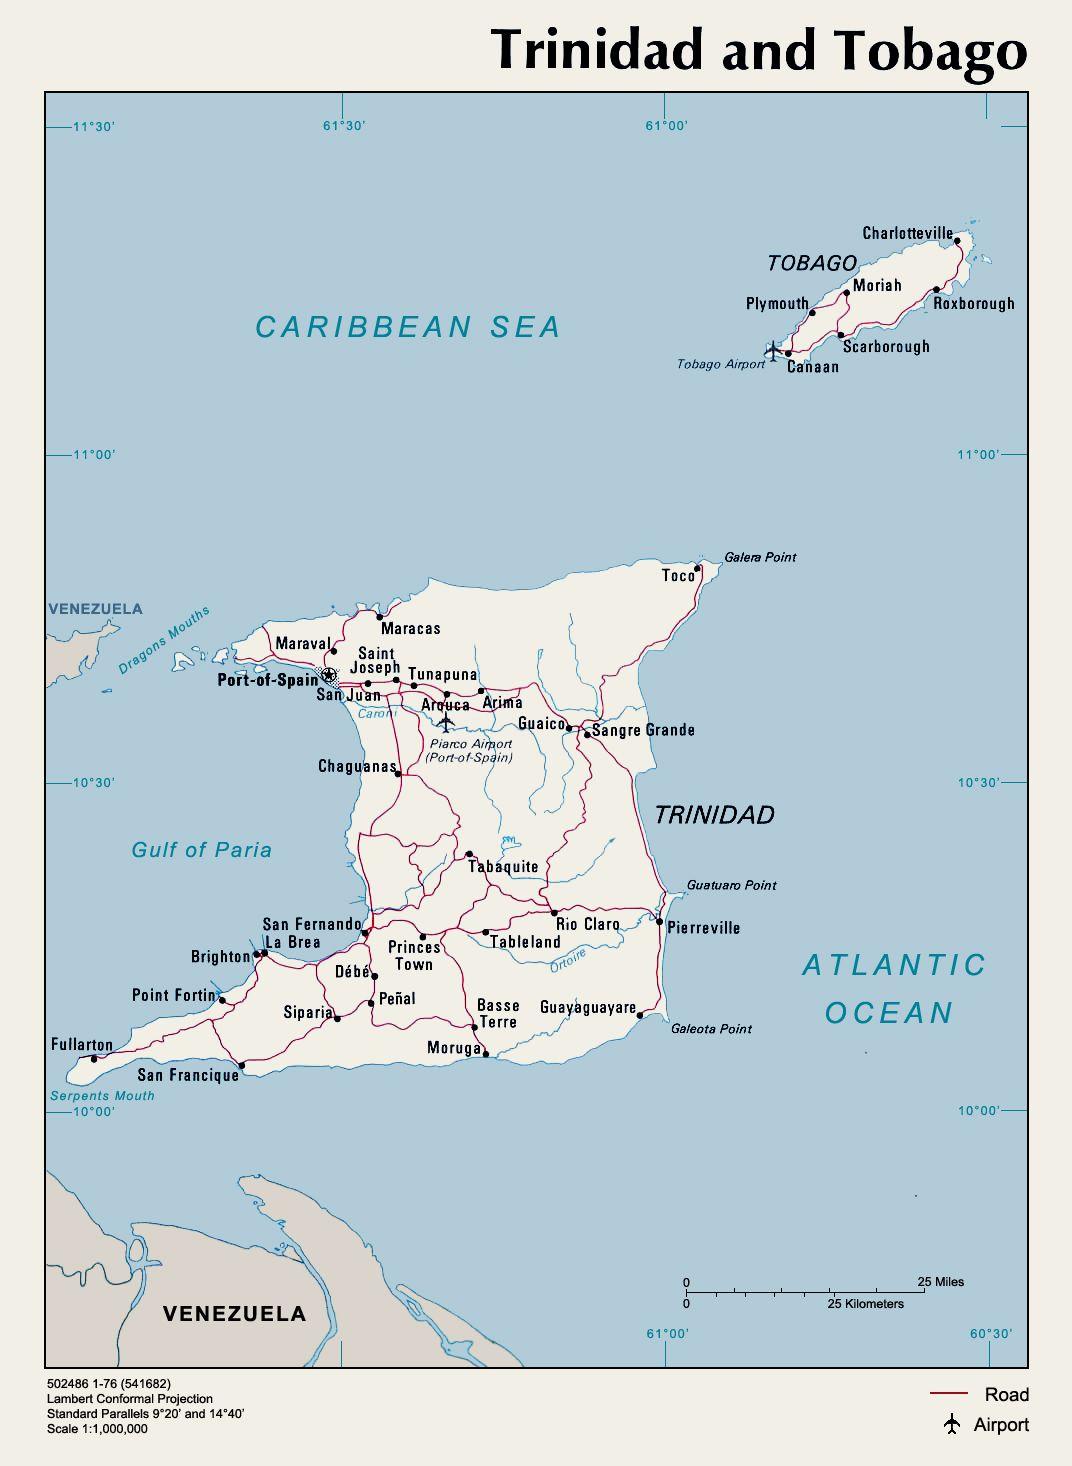 Trinidad And Tobago Trinidad Culture Trinidad And Tobago